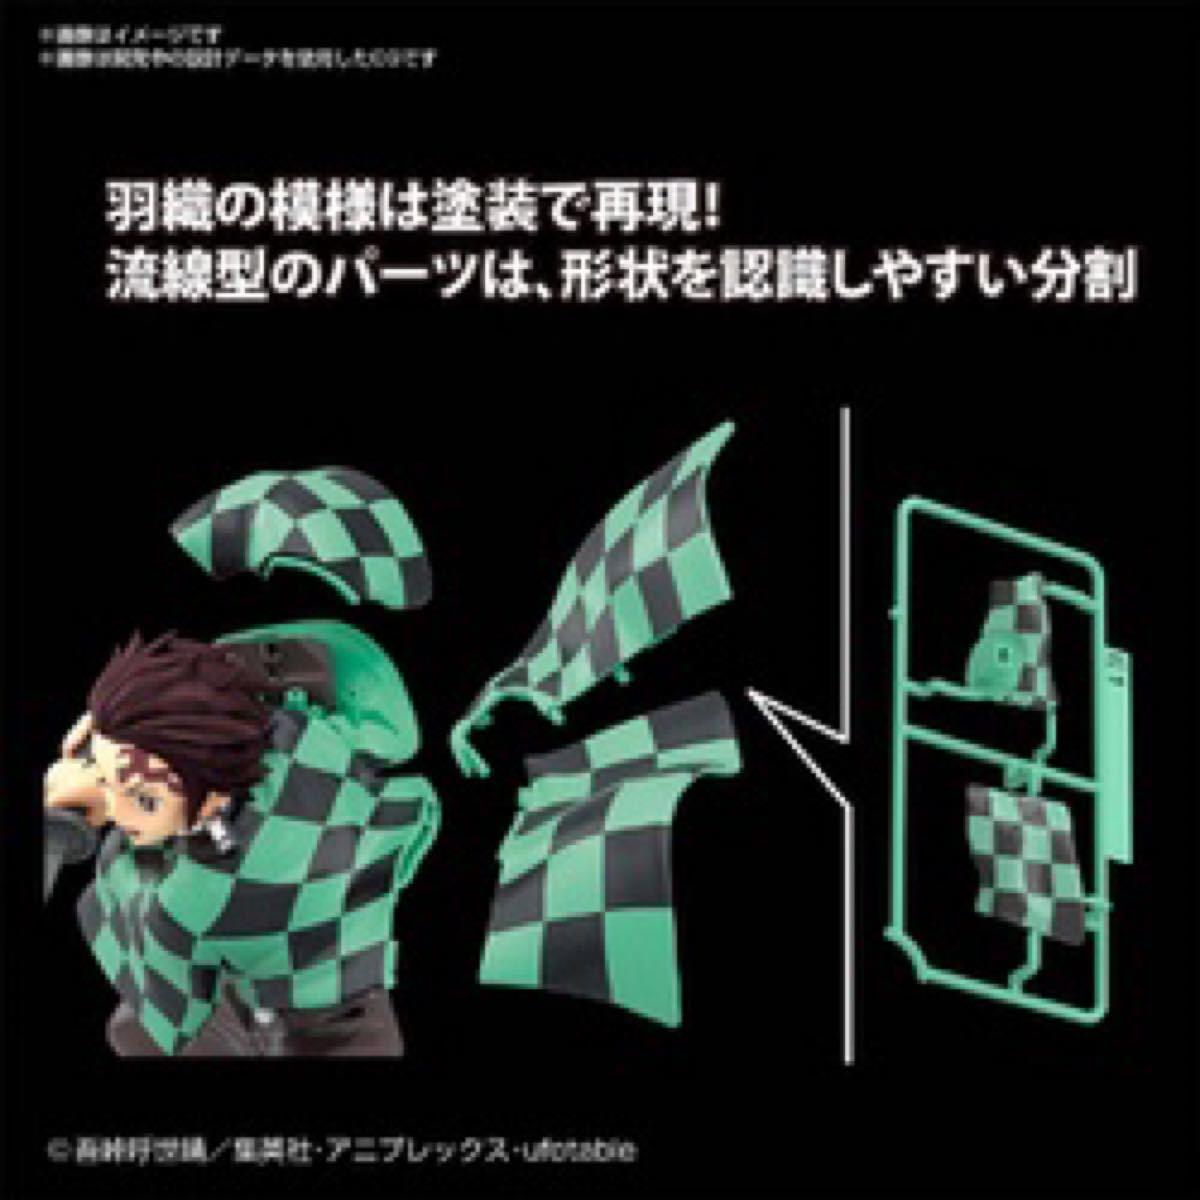 鬼滅の刃23巻フィギュア4体同梱版+鬼滅模型竈門炭治郎